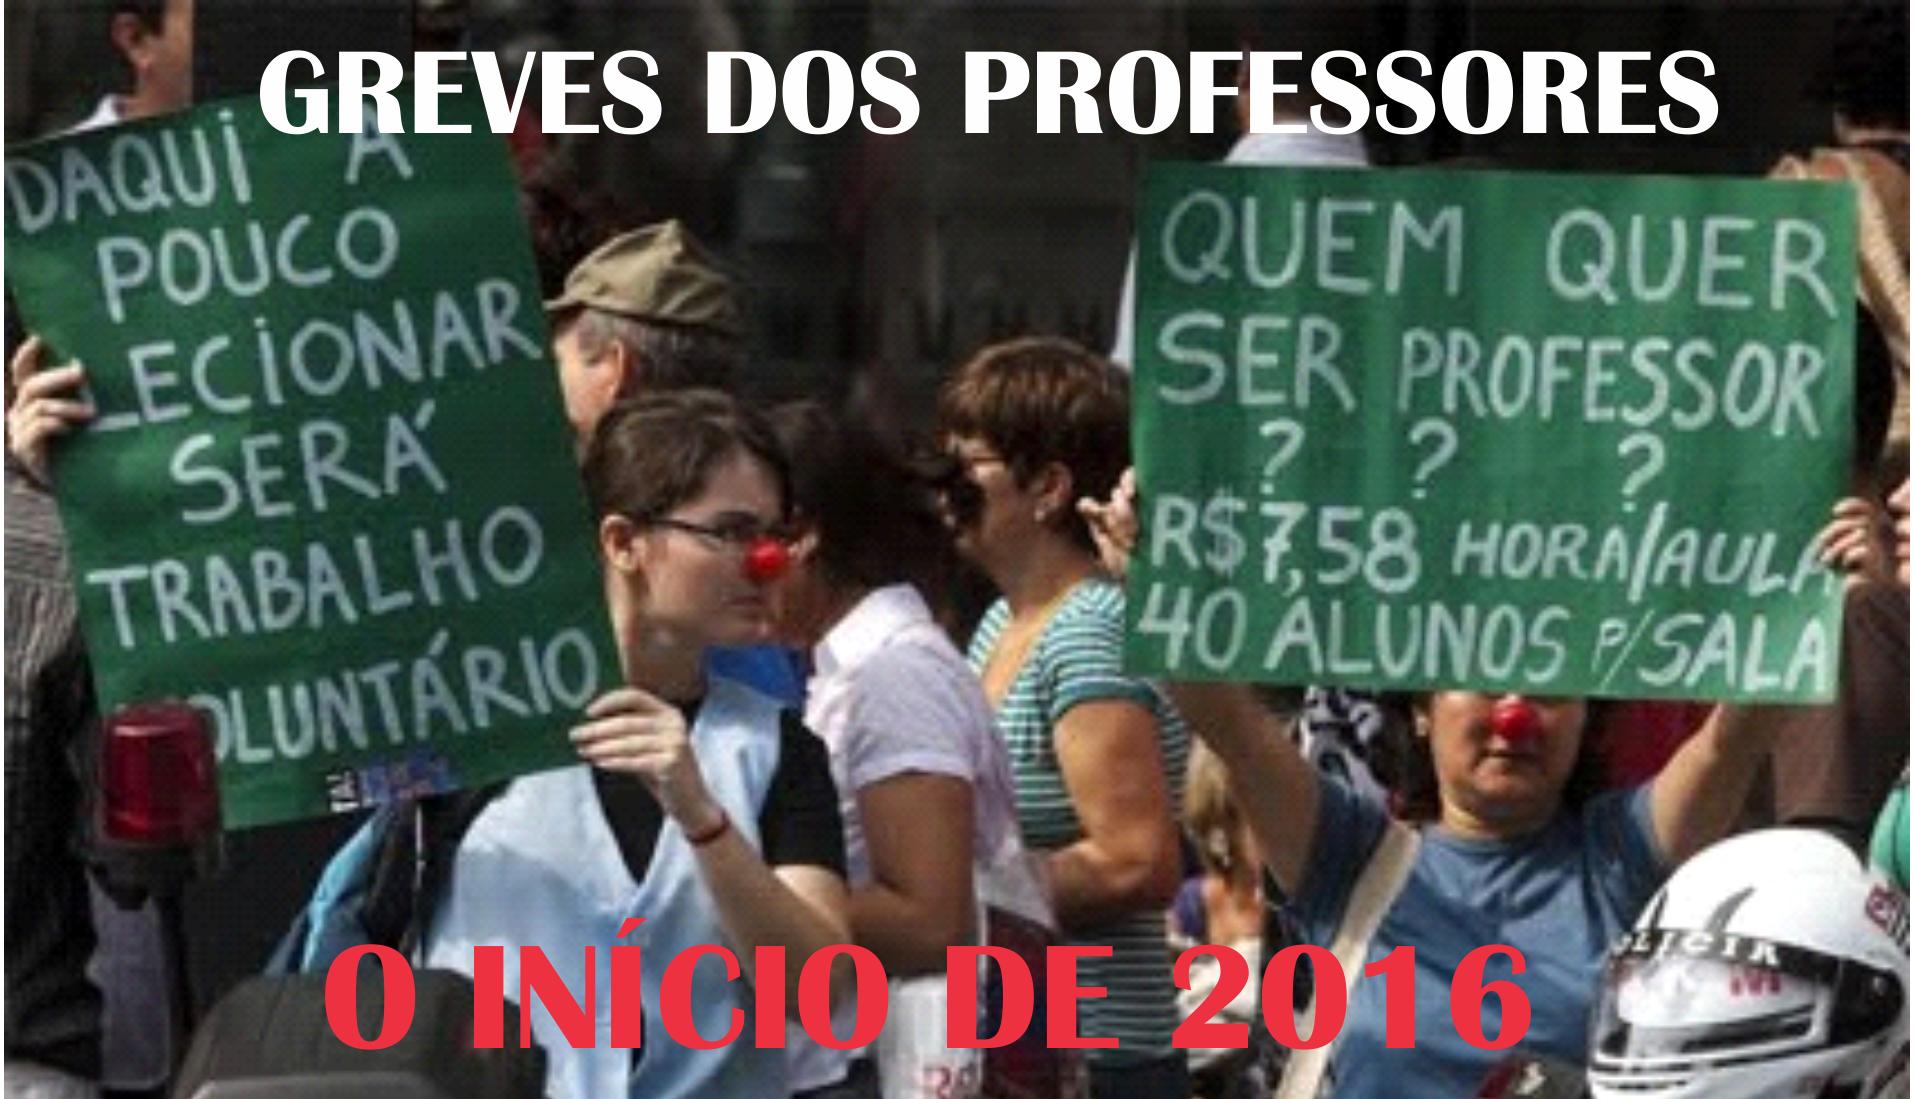 GREVES DOS PROFESSORES: O INÍCIO DE 2016 - Prof. Dr. Ivan Claudio Guedes